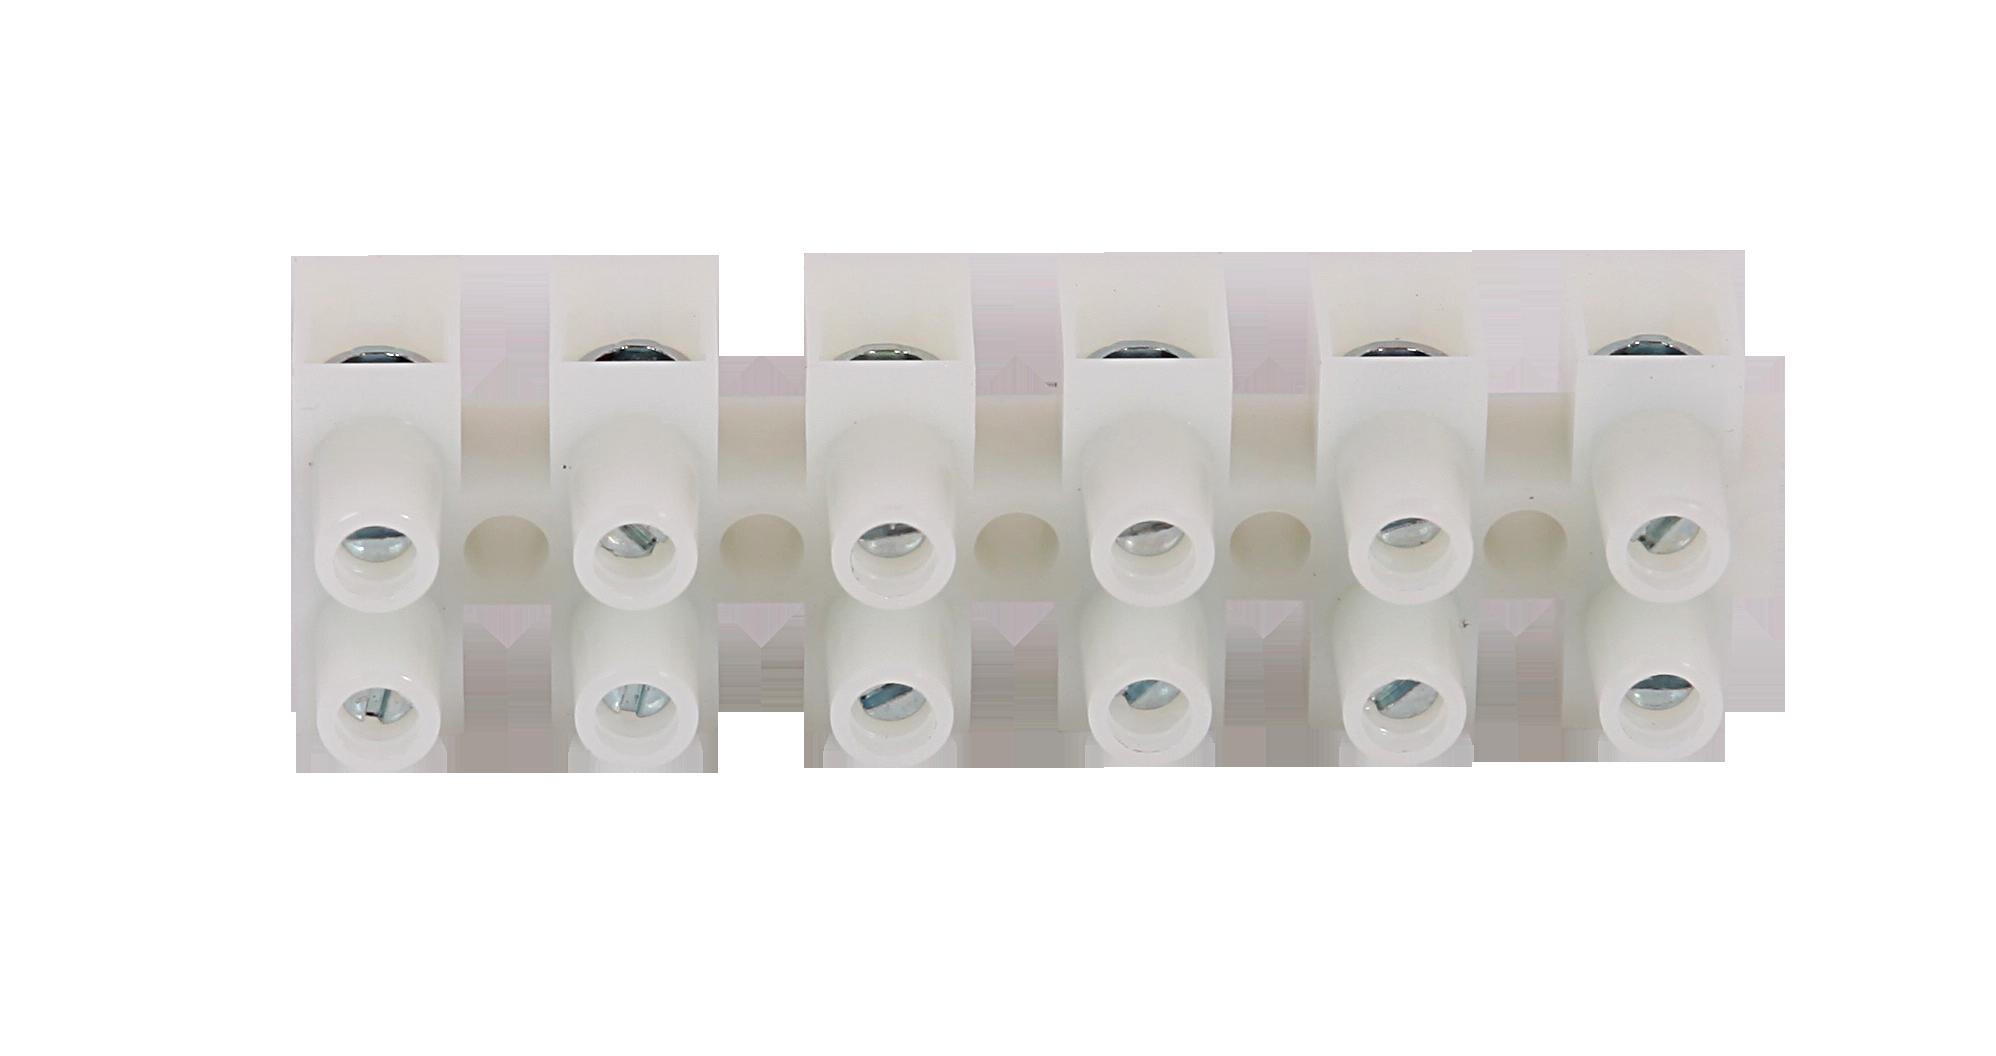 Для парогенераторов: Клеммная колодка SAWO STP-TB6 (6-полюсная белого цвета для печи и парогенератора)